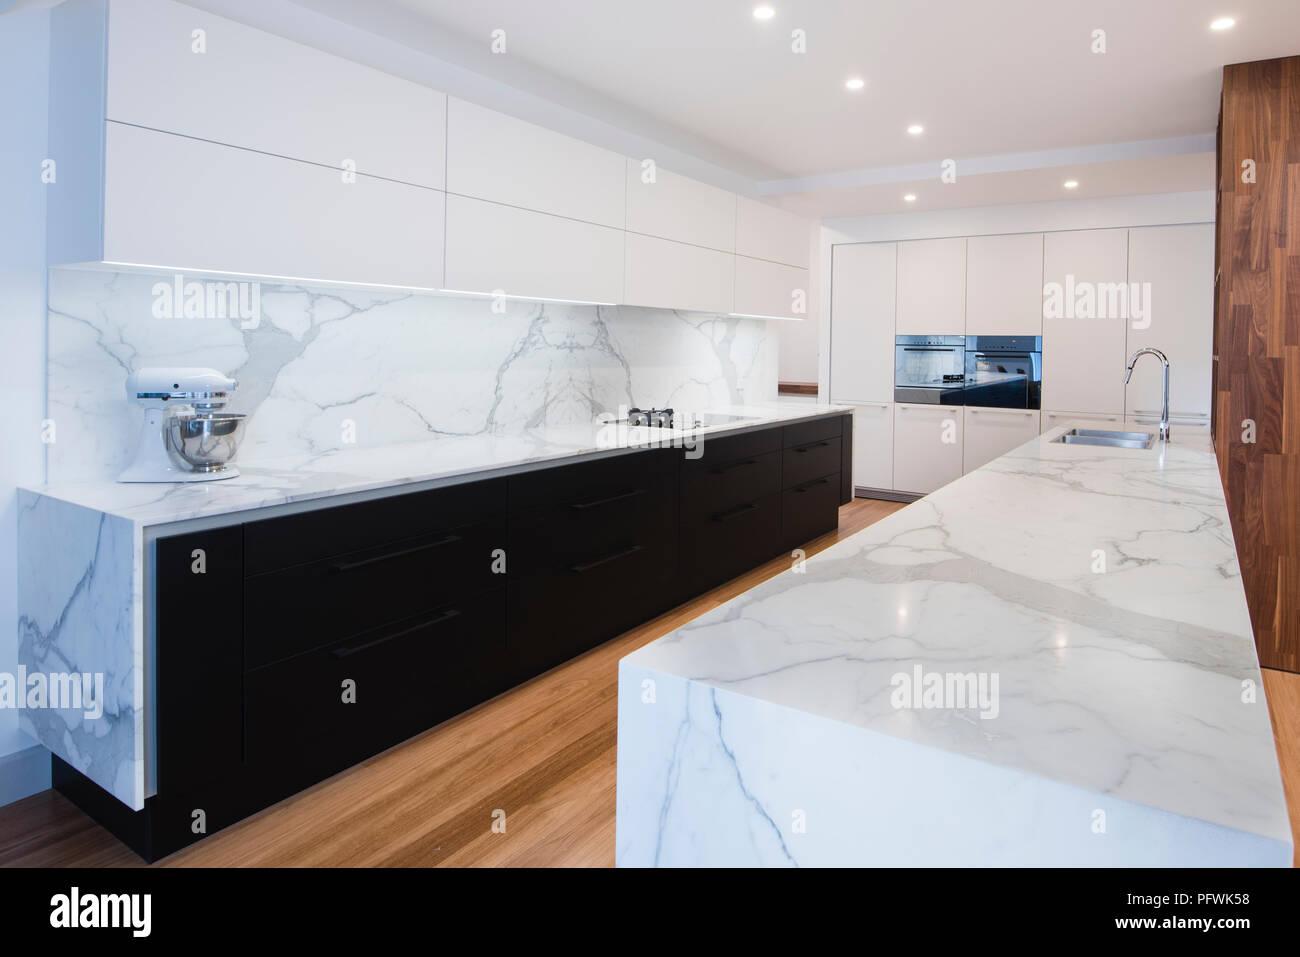 Pleasant Modern Open Plan Interior Design Contemporary Kitchen With Unemploymentrelief Wooden Chair Designs For Living Room Unemploymentrelieforg